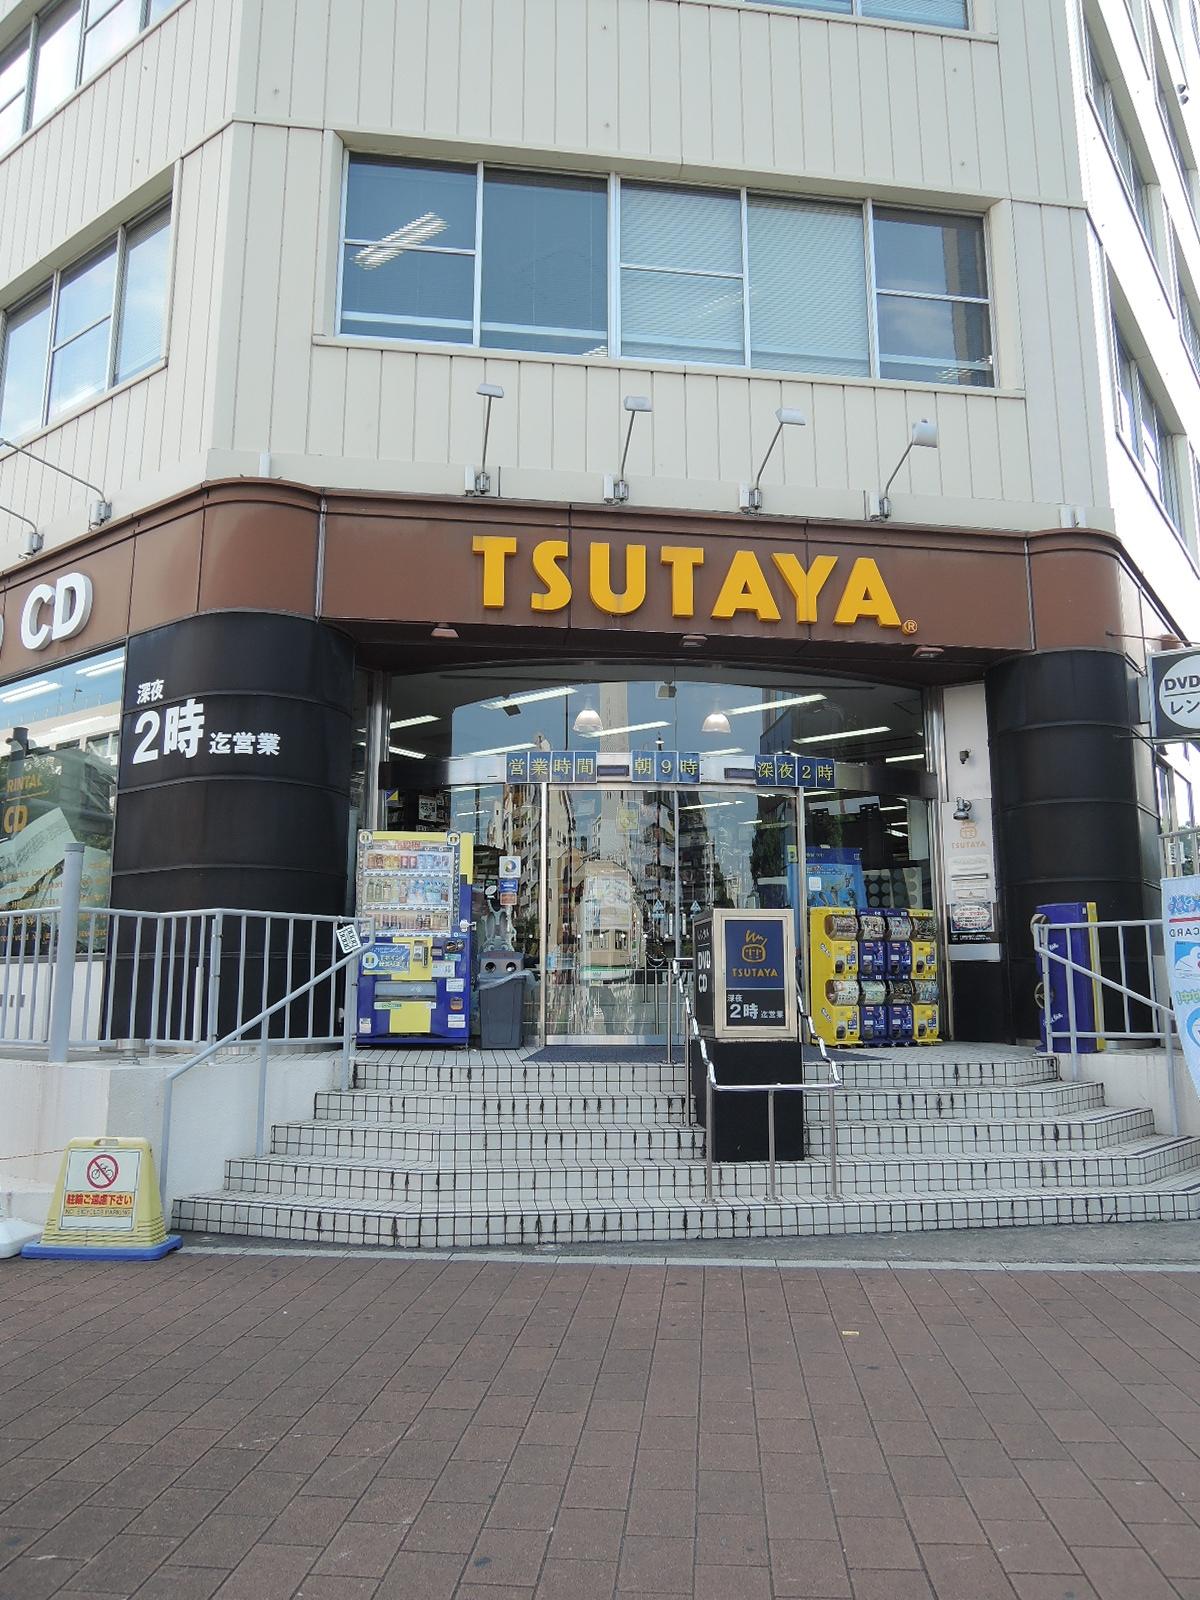 道中にはこんなお店もあります